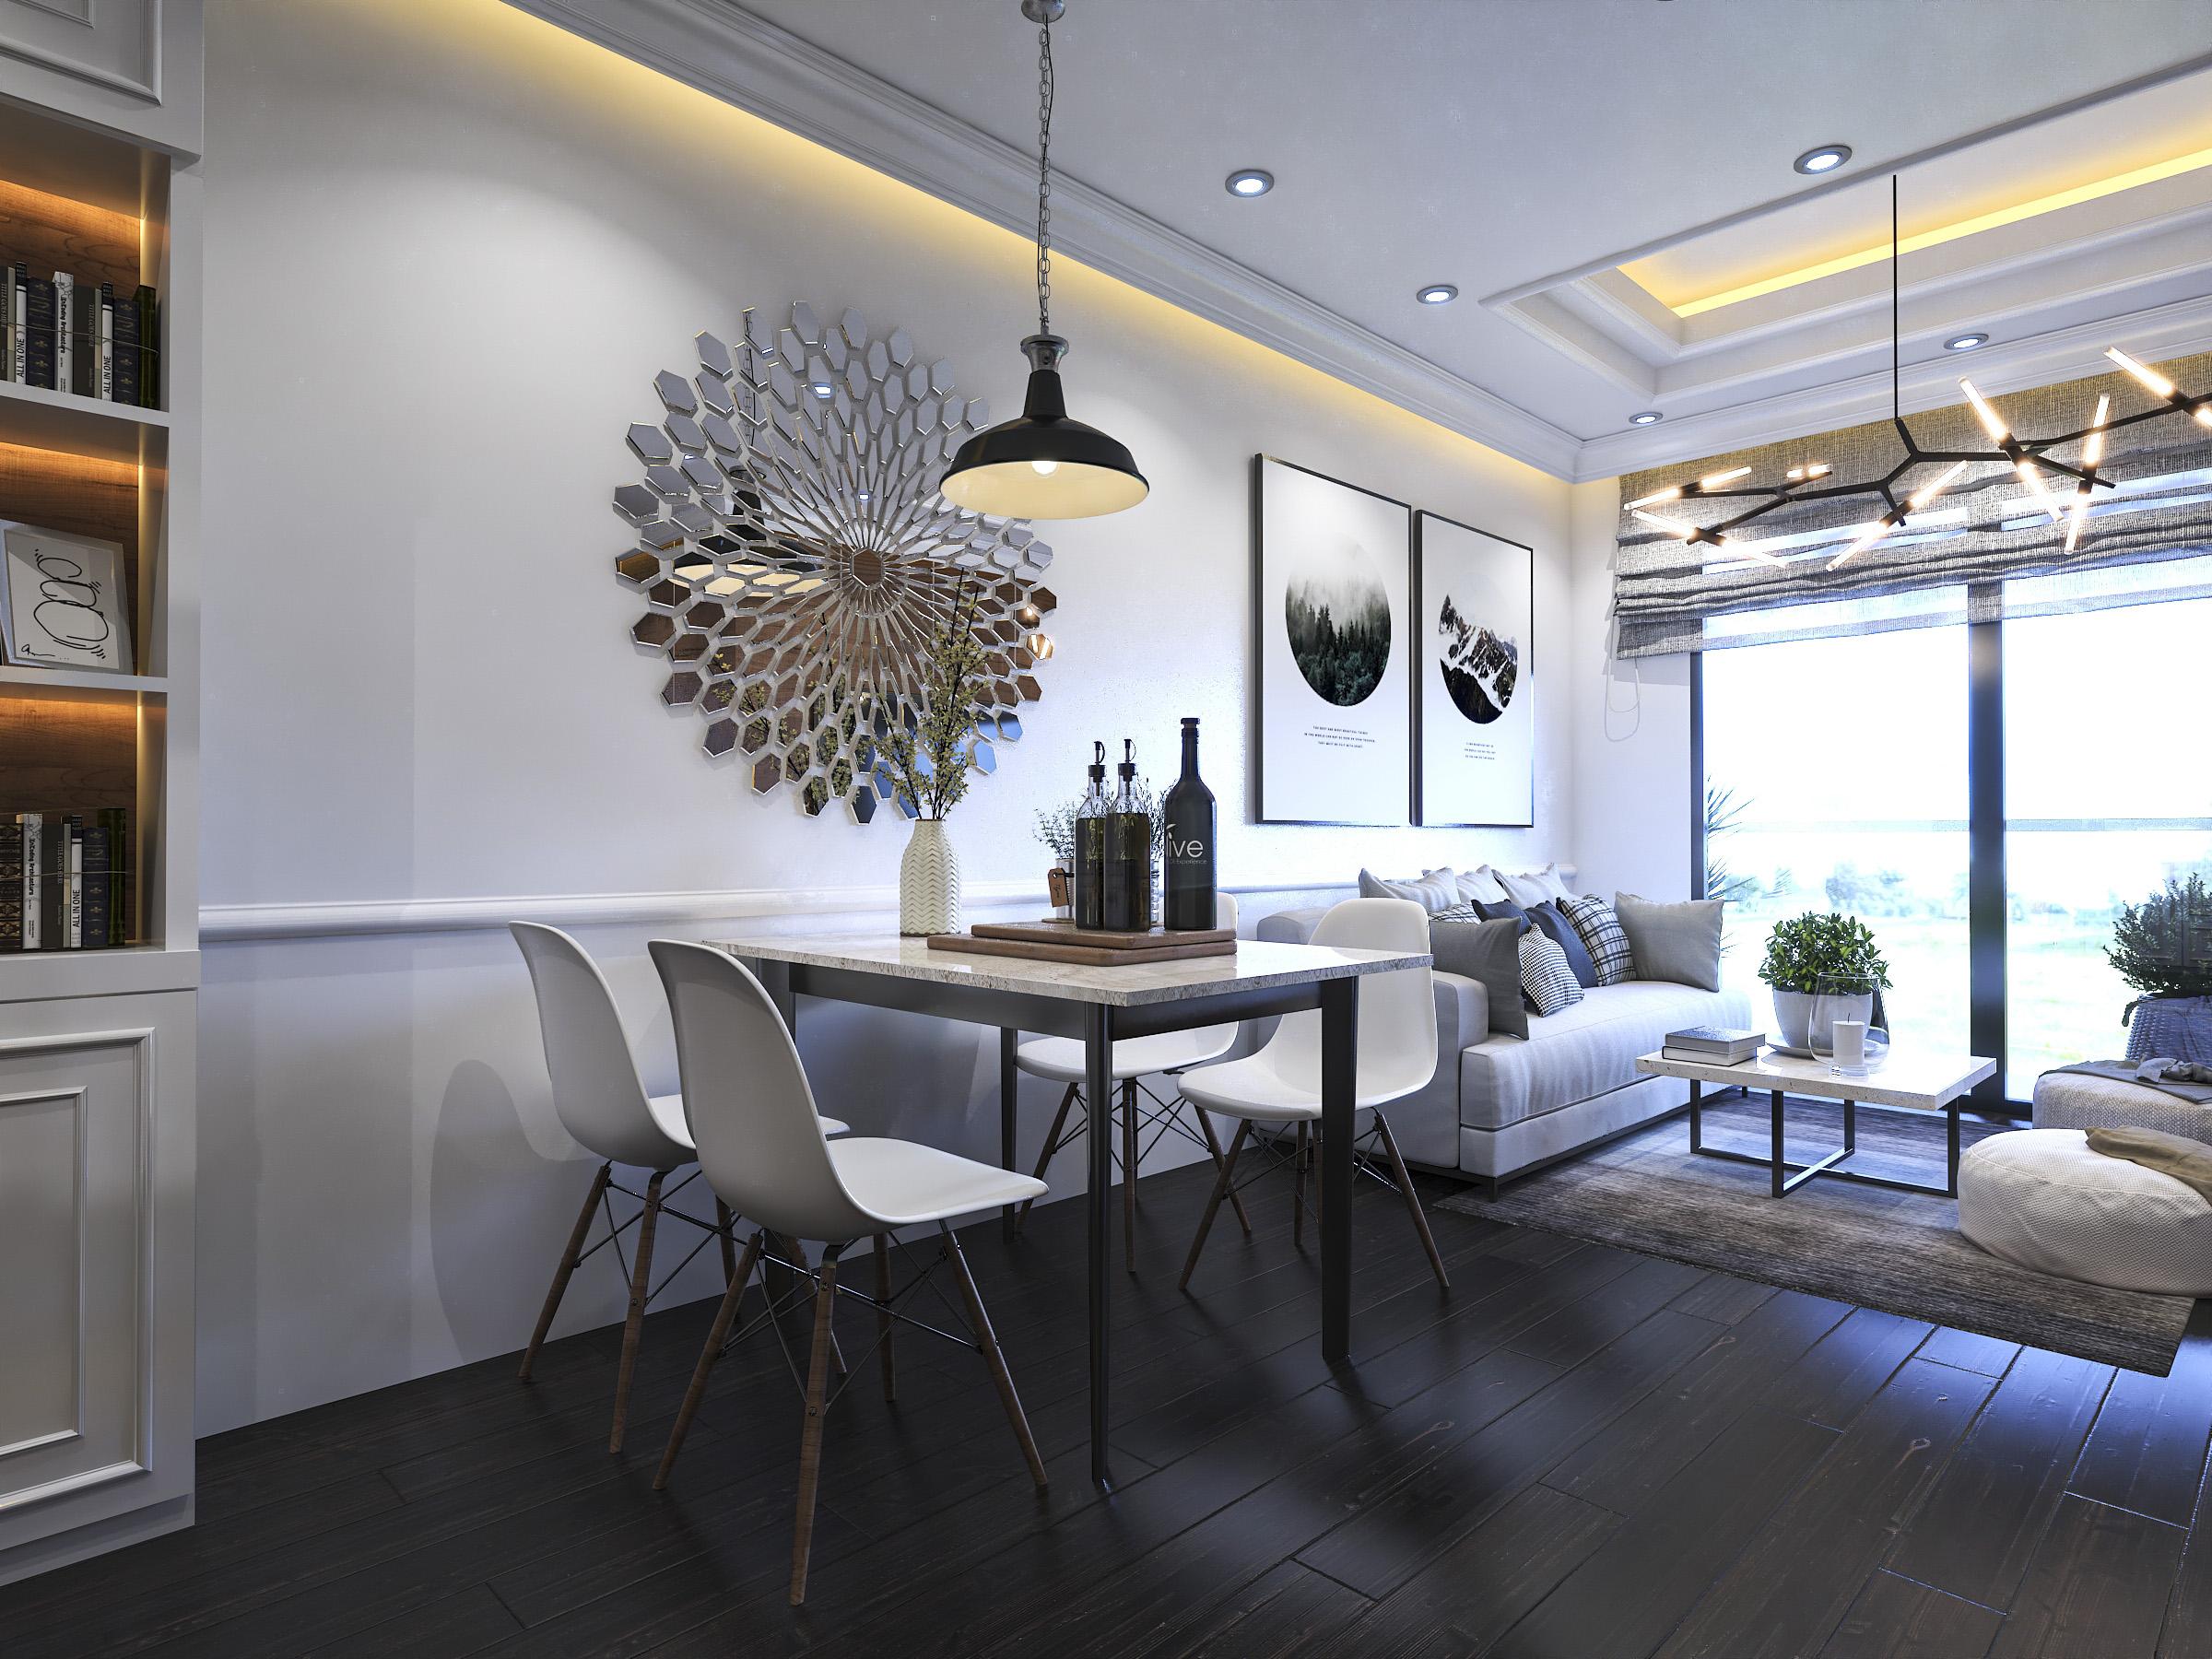 Thiết kế nội thất Chung Cư tại Hồ Chí Minh Ms Liên's Apartment 1592323879 9